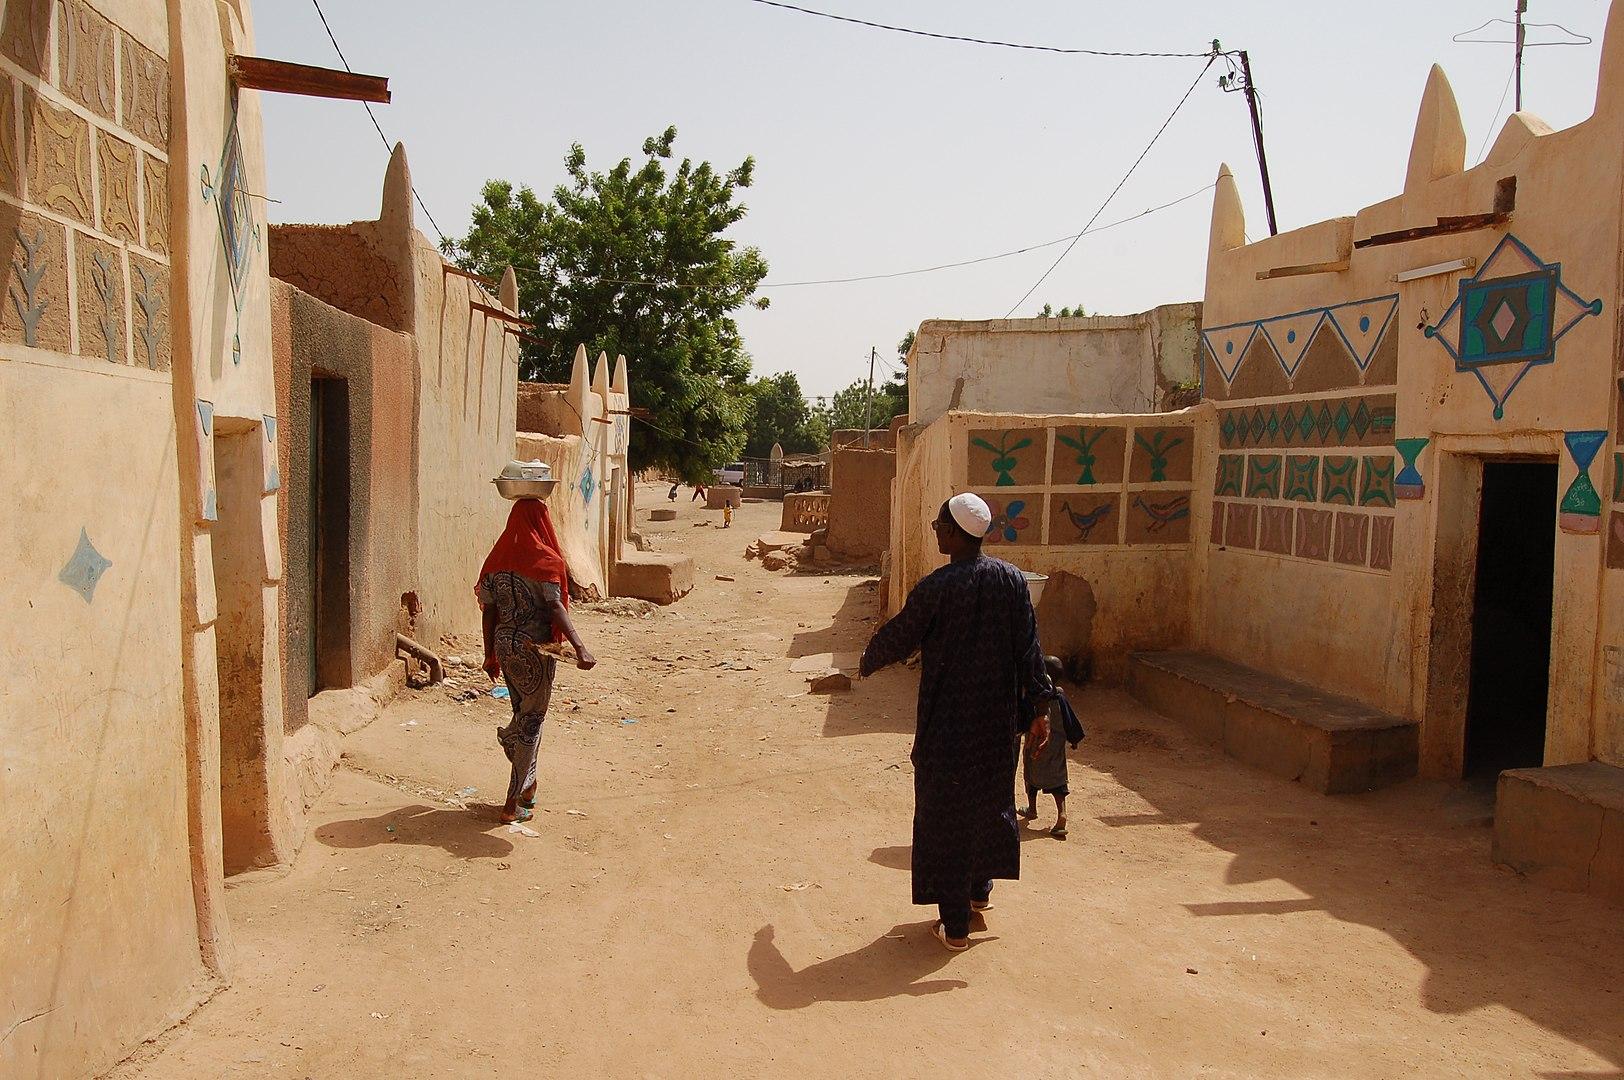 Зиндер, район старого города, традиционная застройка. Это третий по величине город Нигера. Фото – Wikipedia.